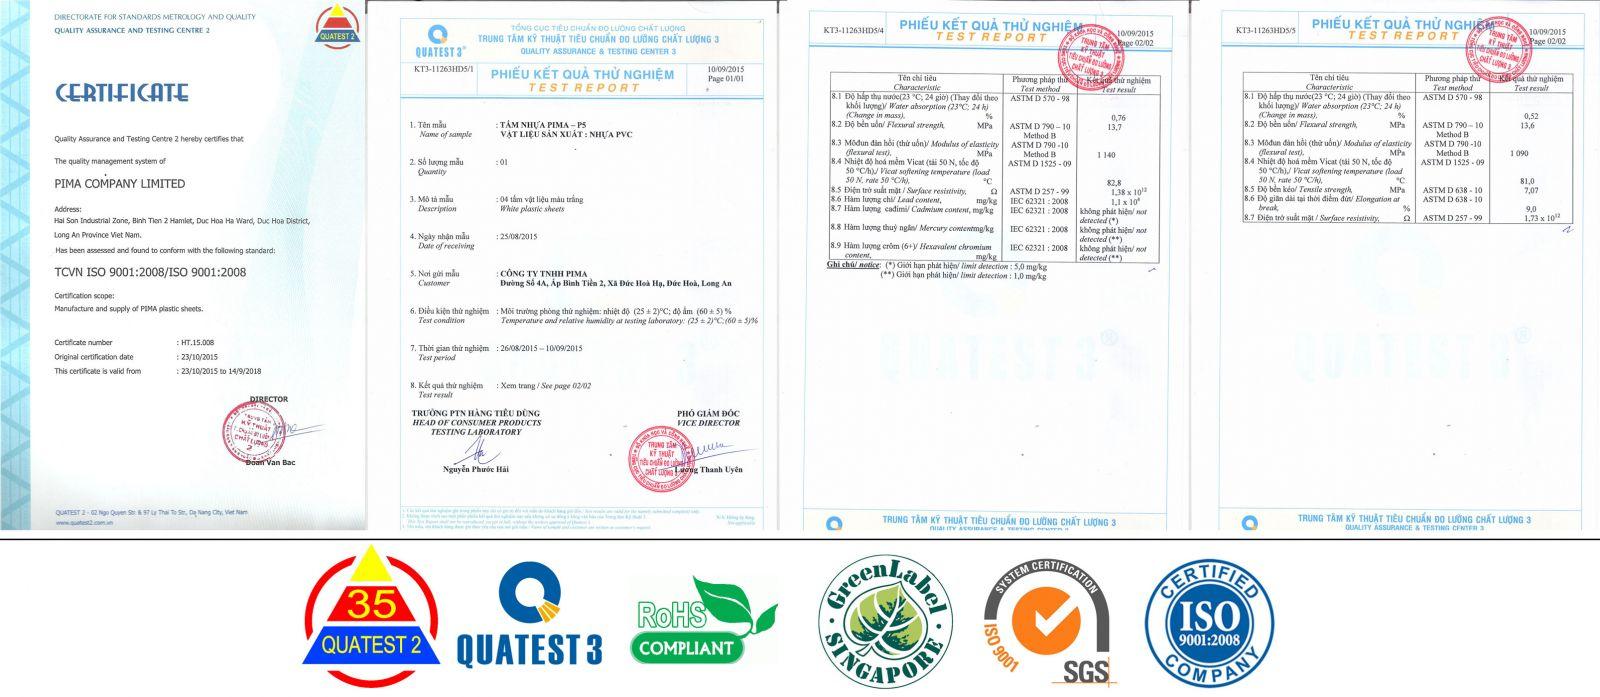 chứng nhận chất lượng tấm nhựa pvc foam pima